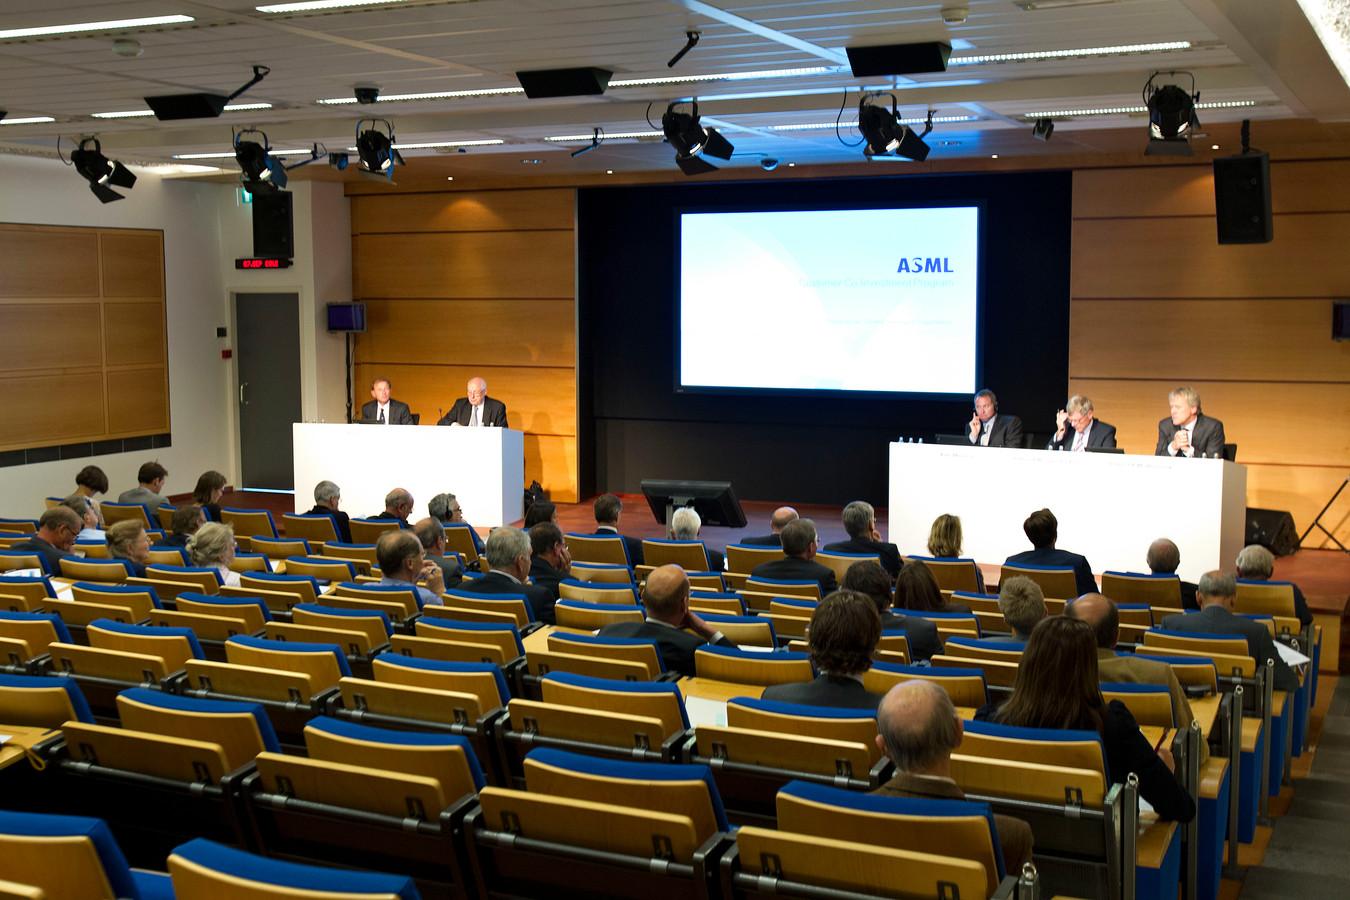 Beeld van een aandeelhoudersvergadering van ASML.